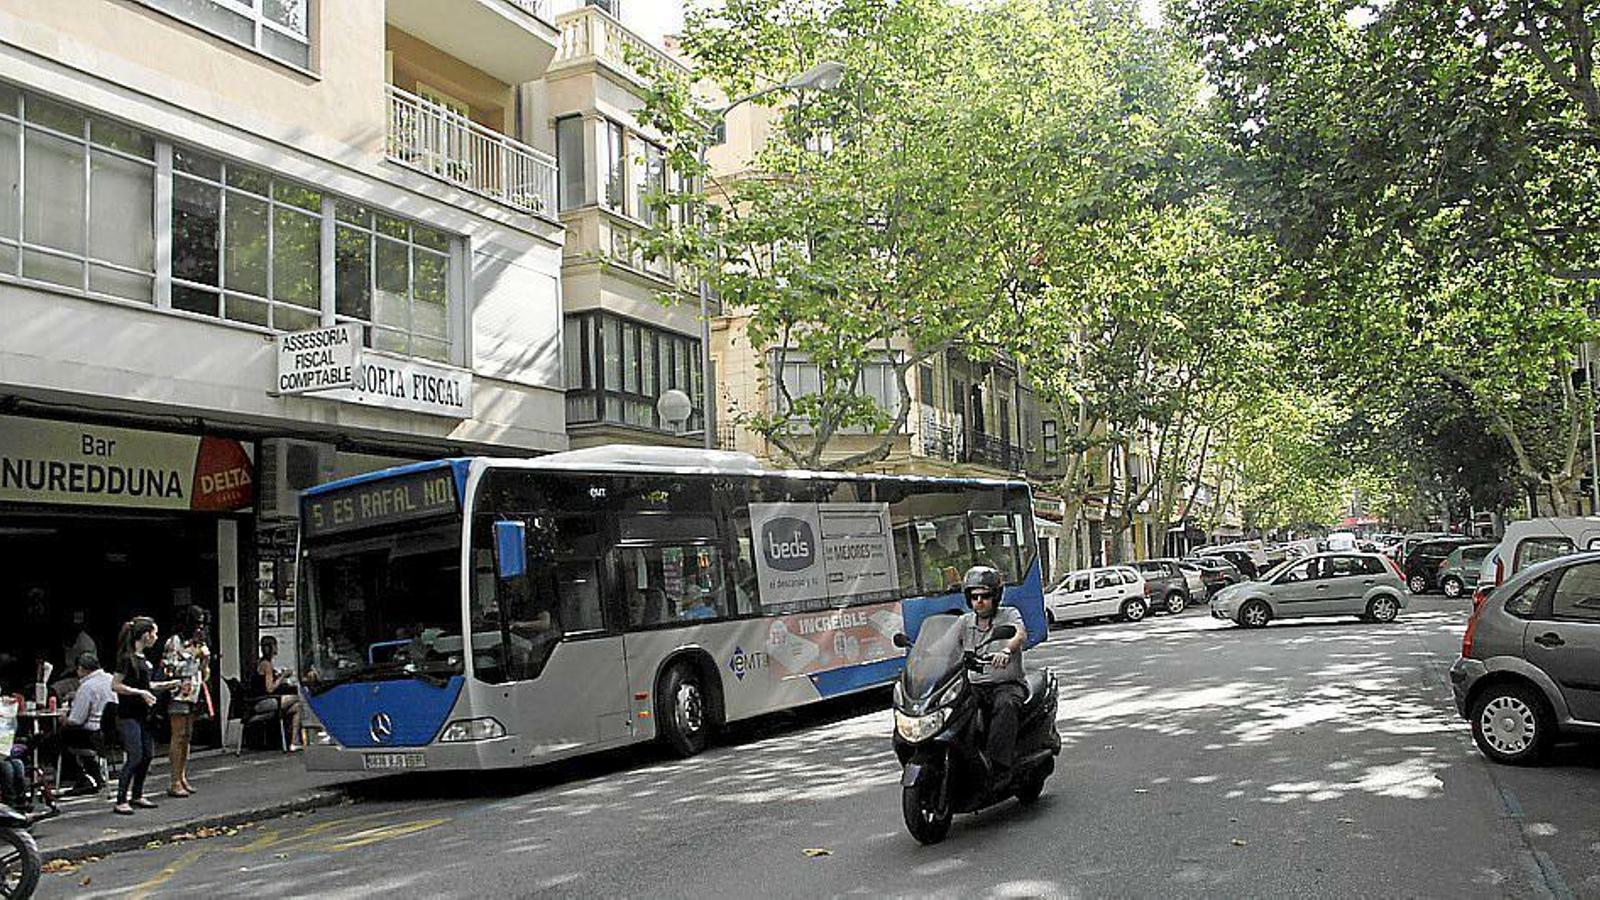 El carrer Nuredduna de Palma